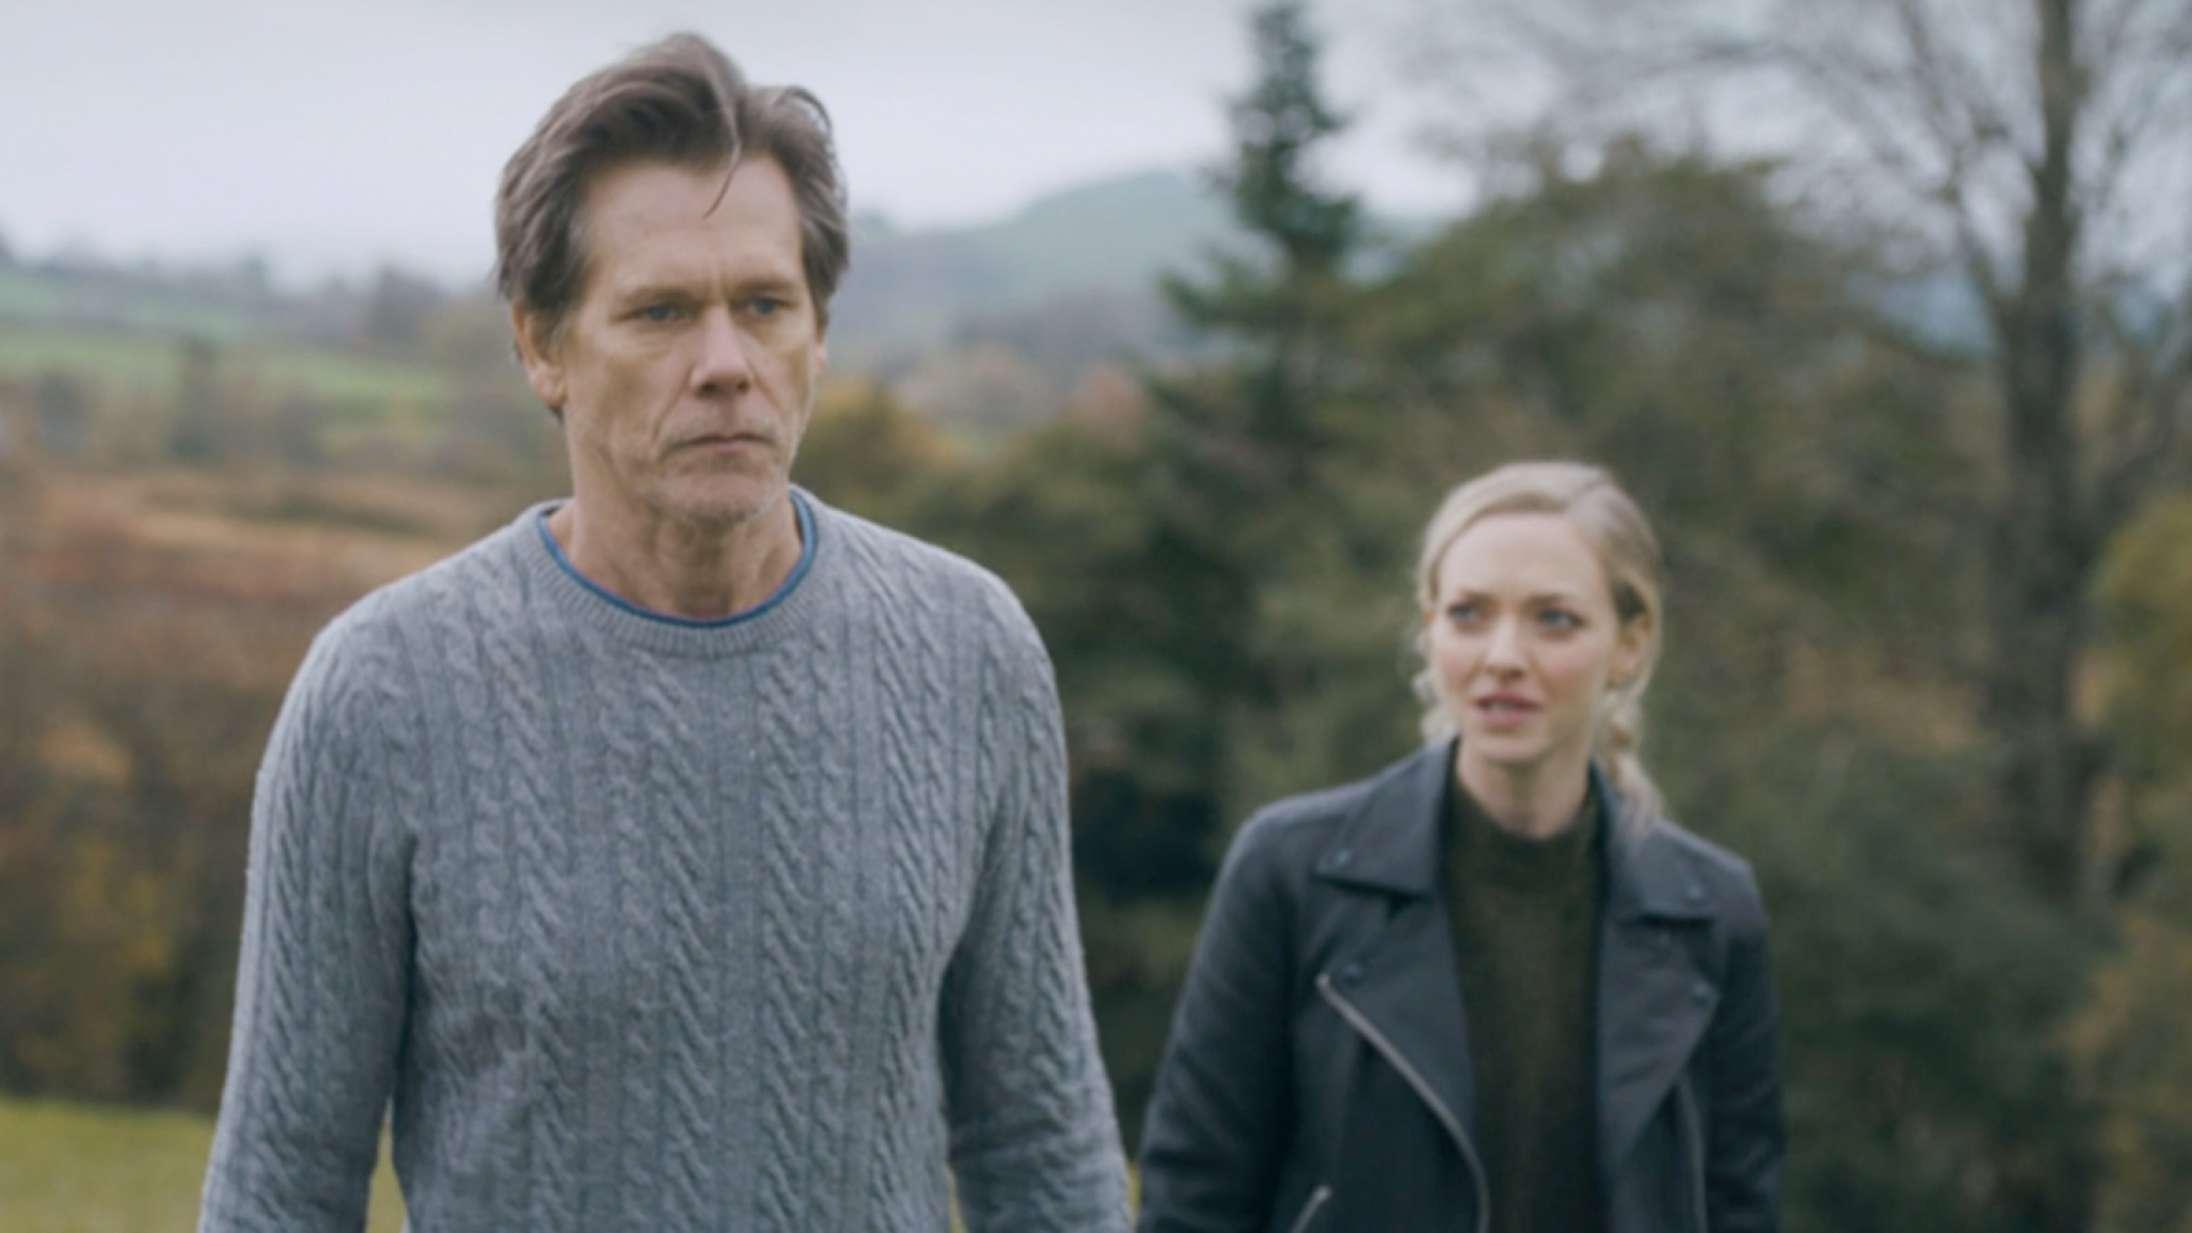 Når 61-årige Kevin Bacon leger hus med 34-årige Amanda Seyfried, er Hollywoods aldersbias pensionsmoden